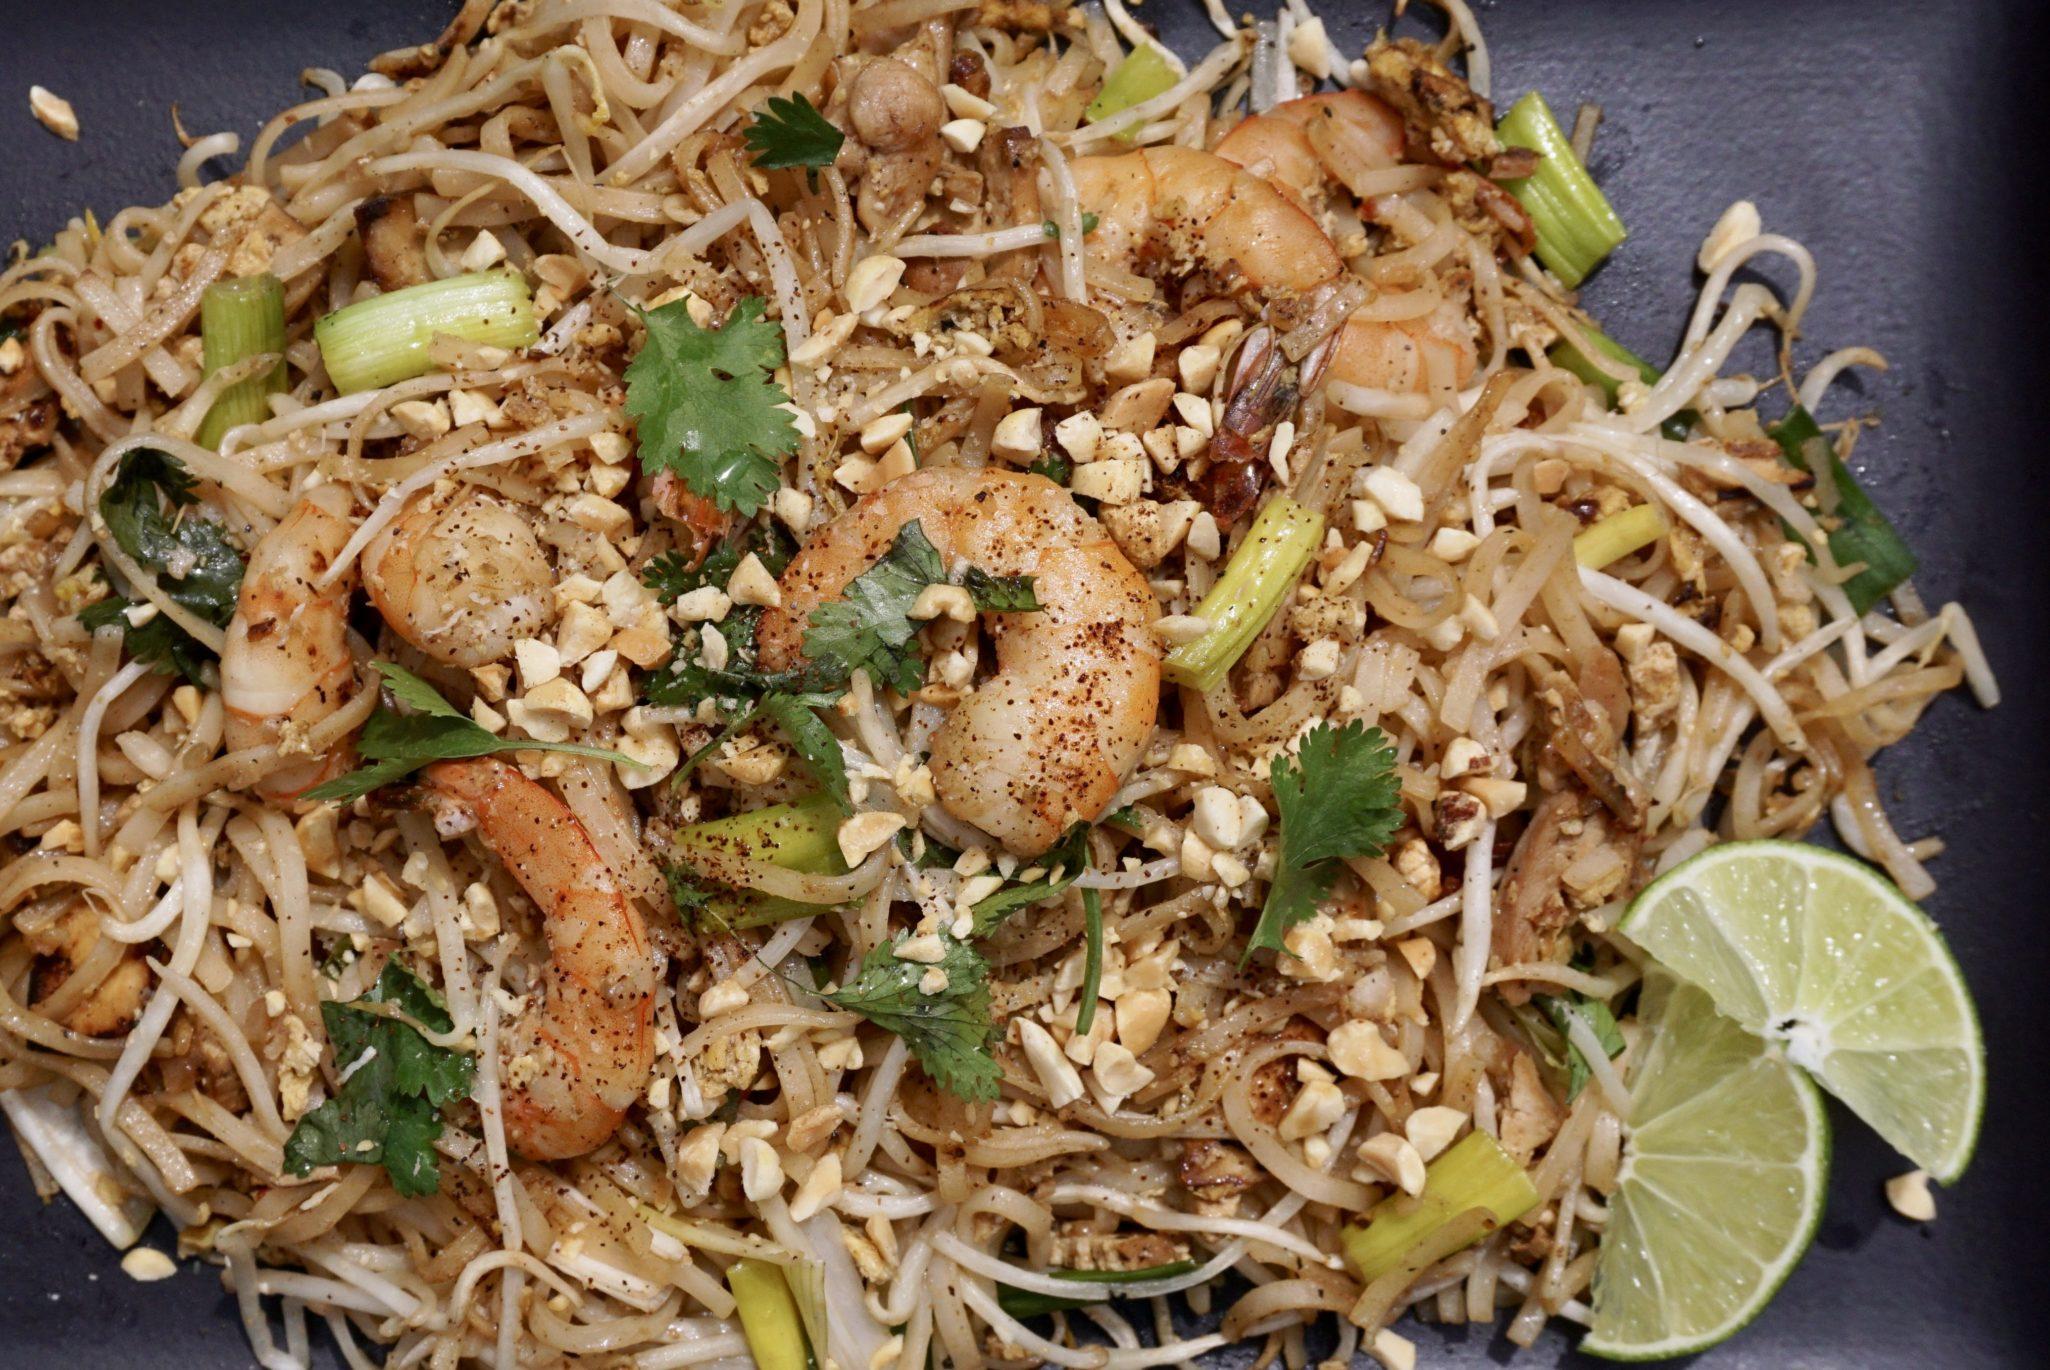 Thai-rrific Noodles